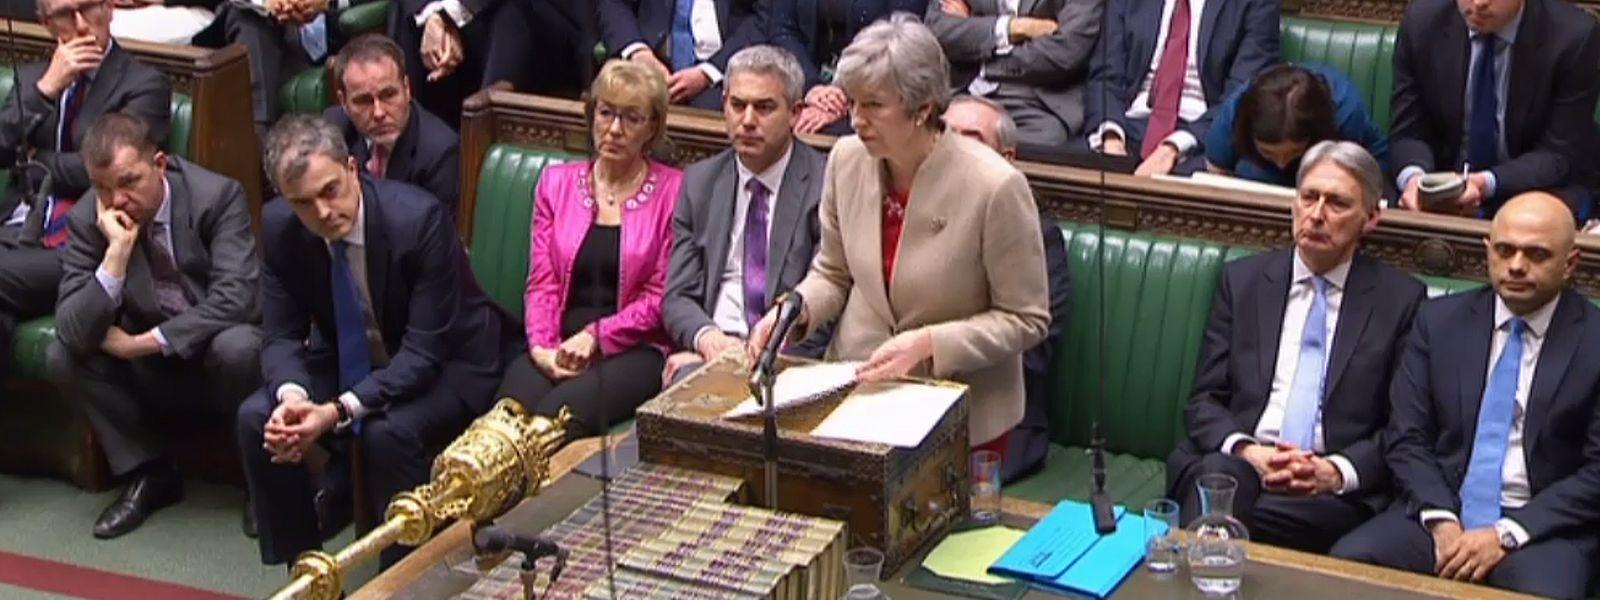 Nouveau revers cuisant pour Theresa May à la Chambre des communes, le jour même où devait initialement avoir lieu le Brexit.